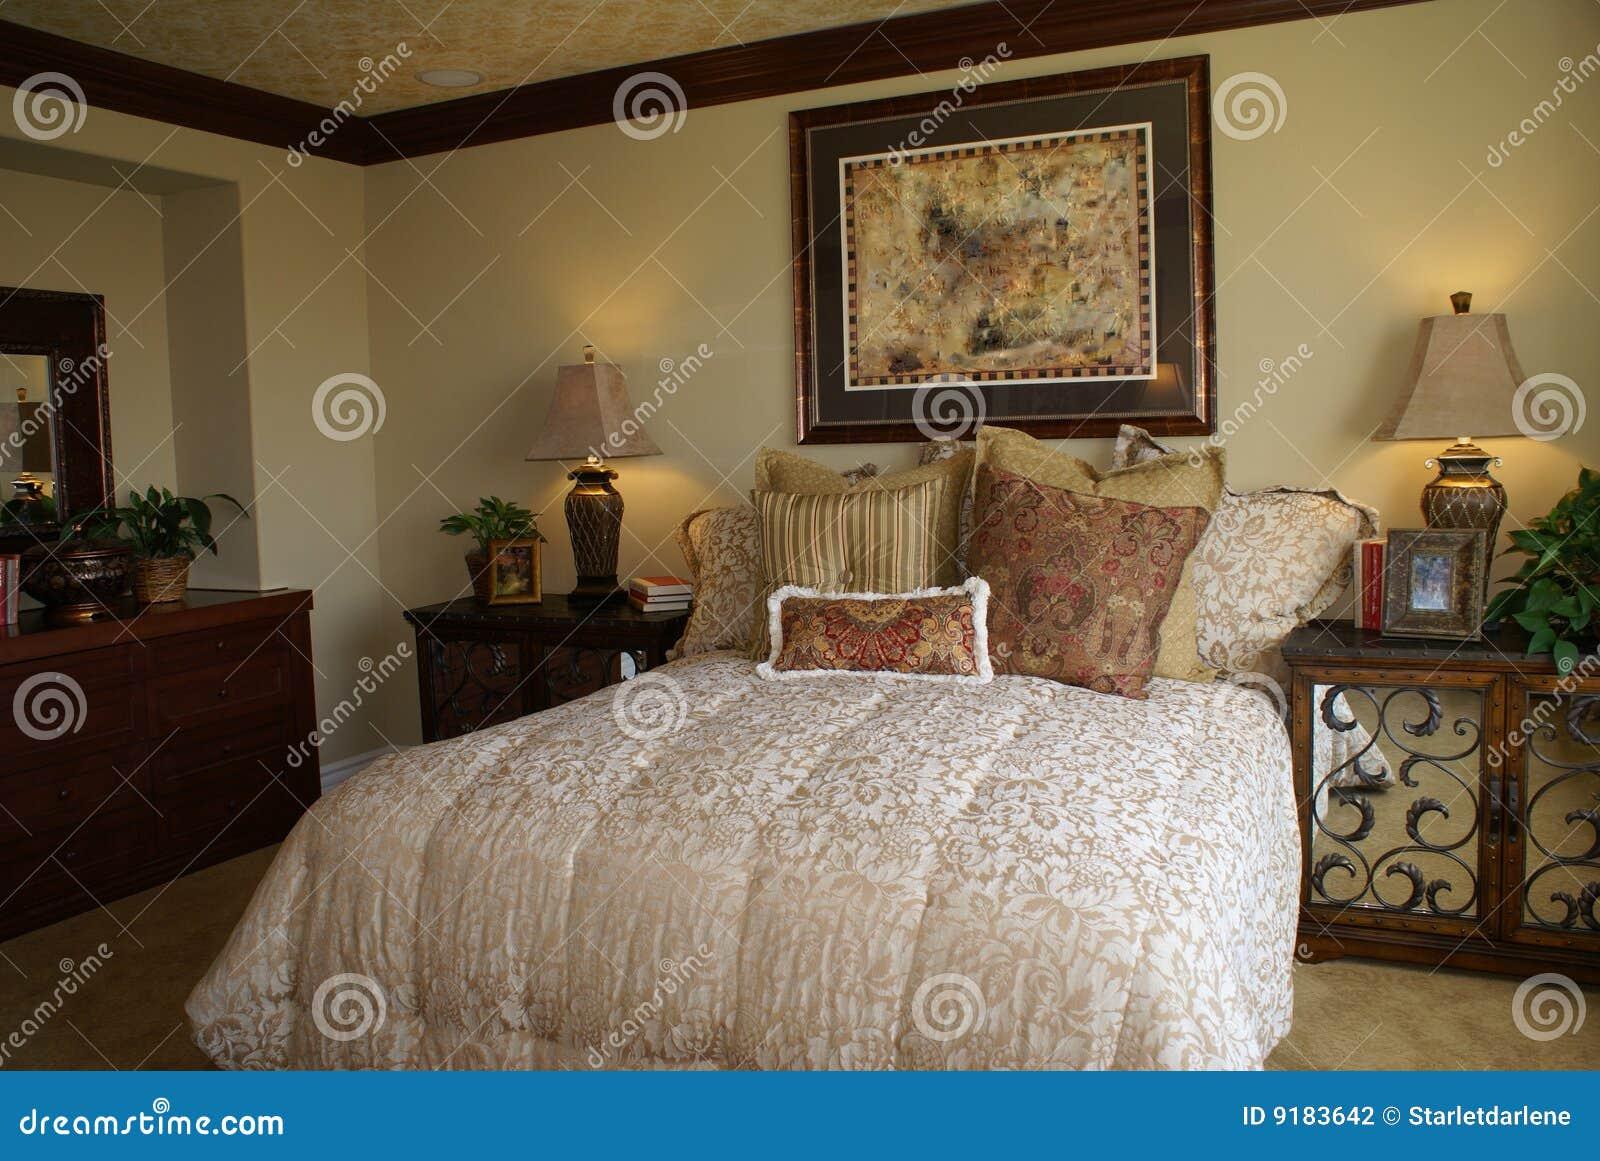 Camera da letto matrice elegante fotografia stock - Camera da letto elegante ...